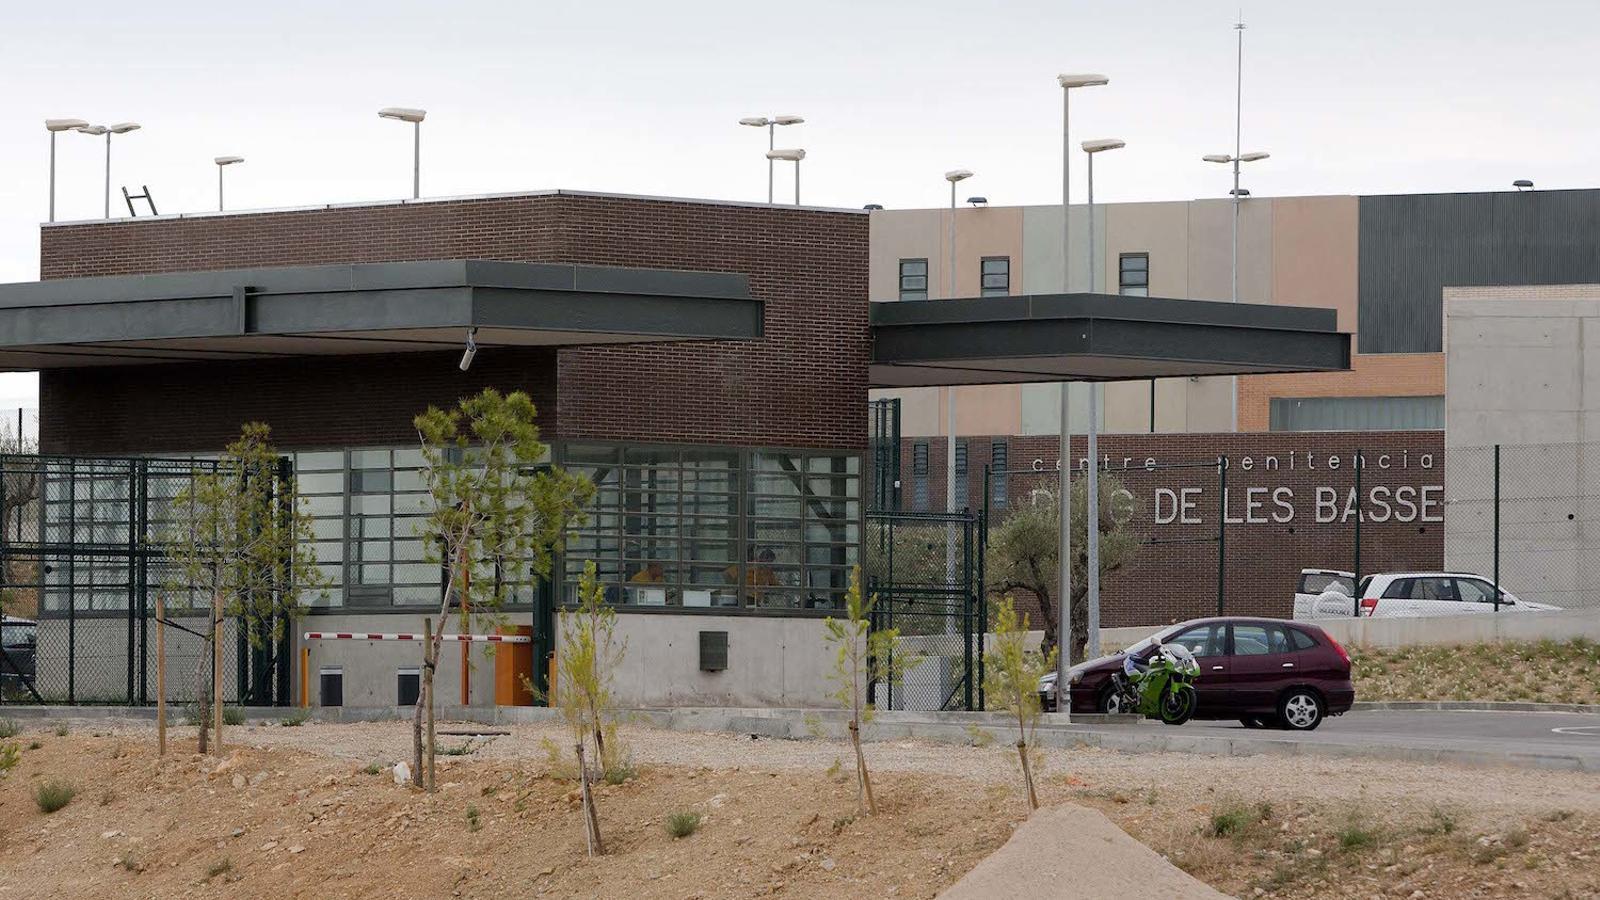 Presó Puig de les Basses, el nou centre penitenciari de Figueres